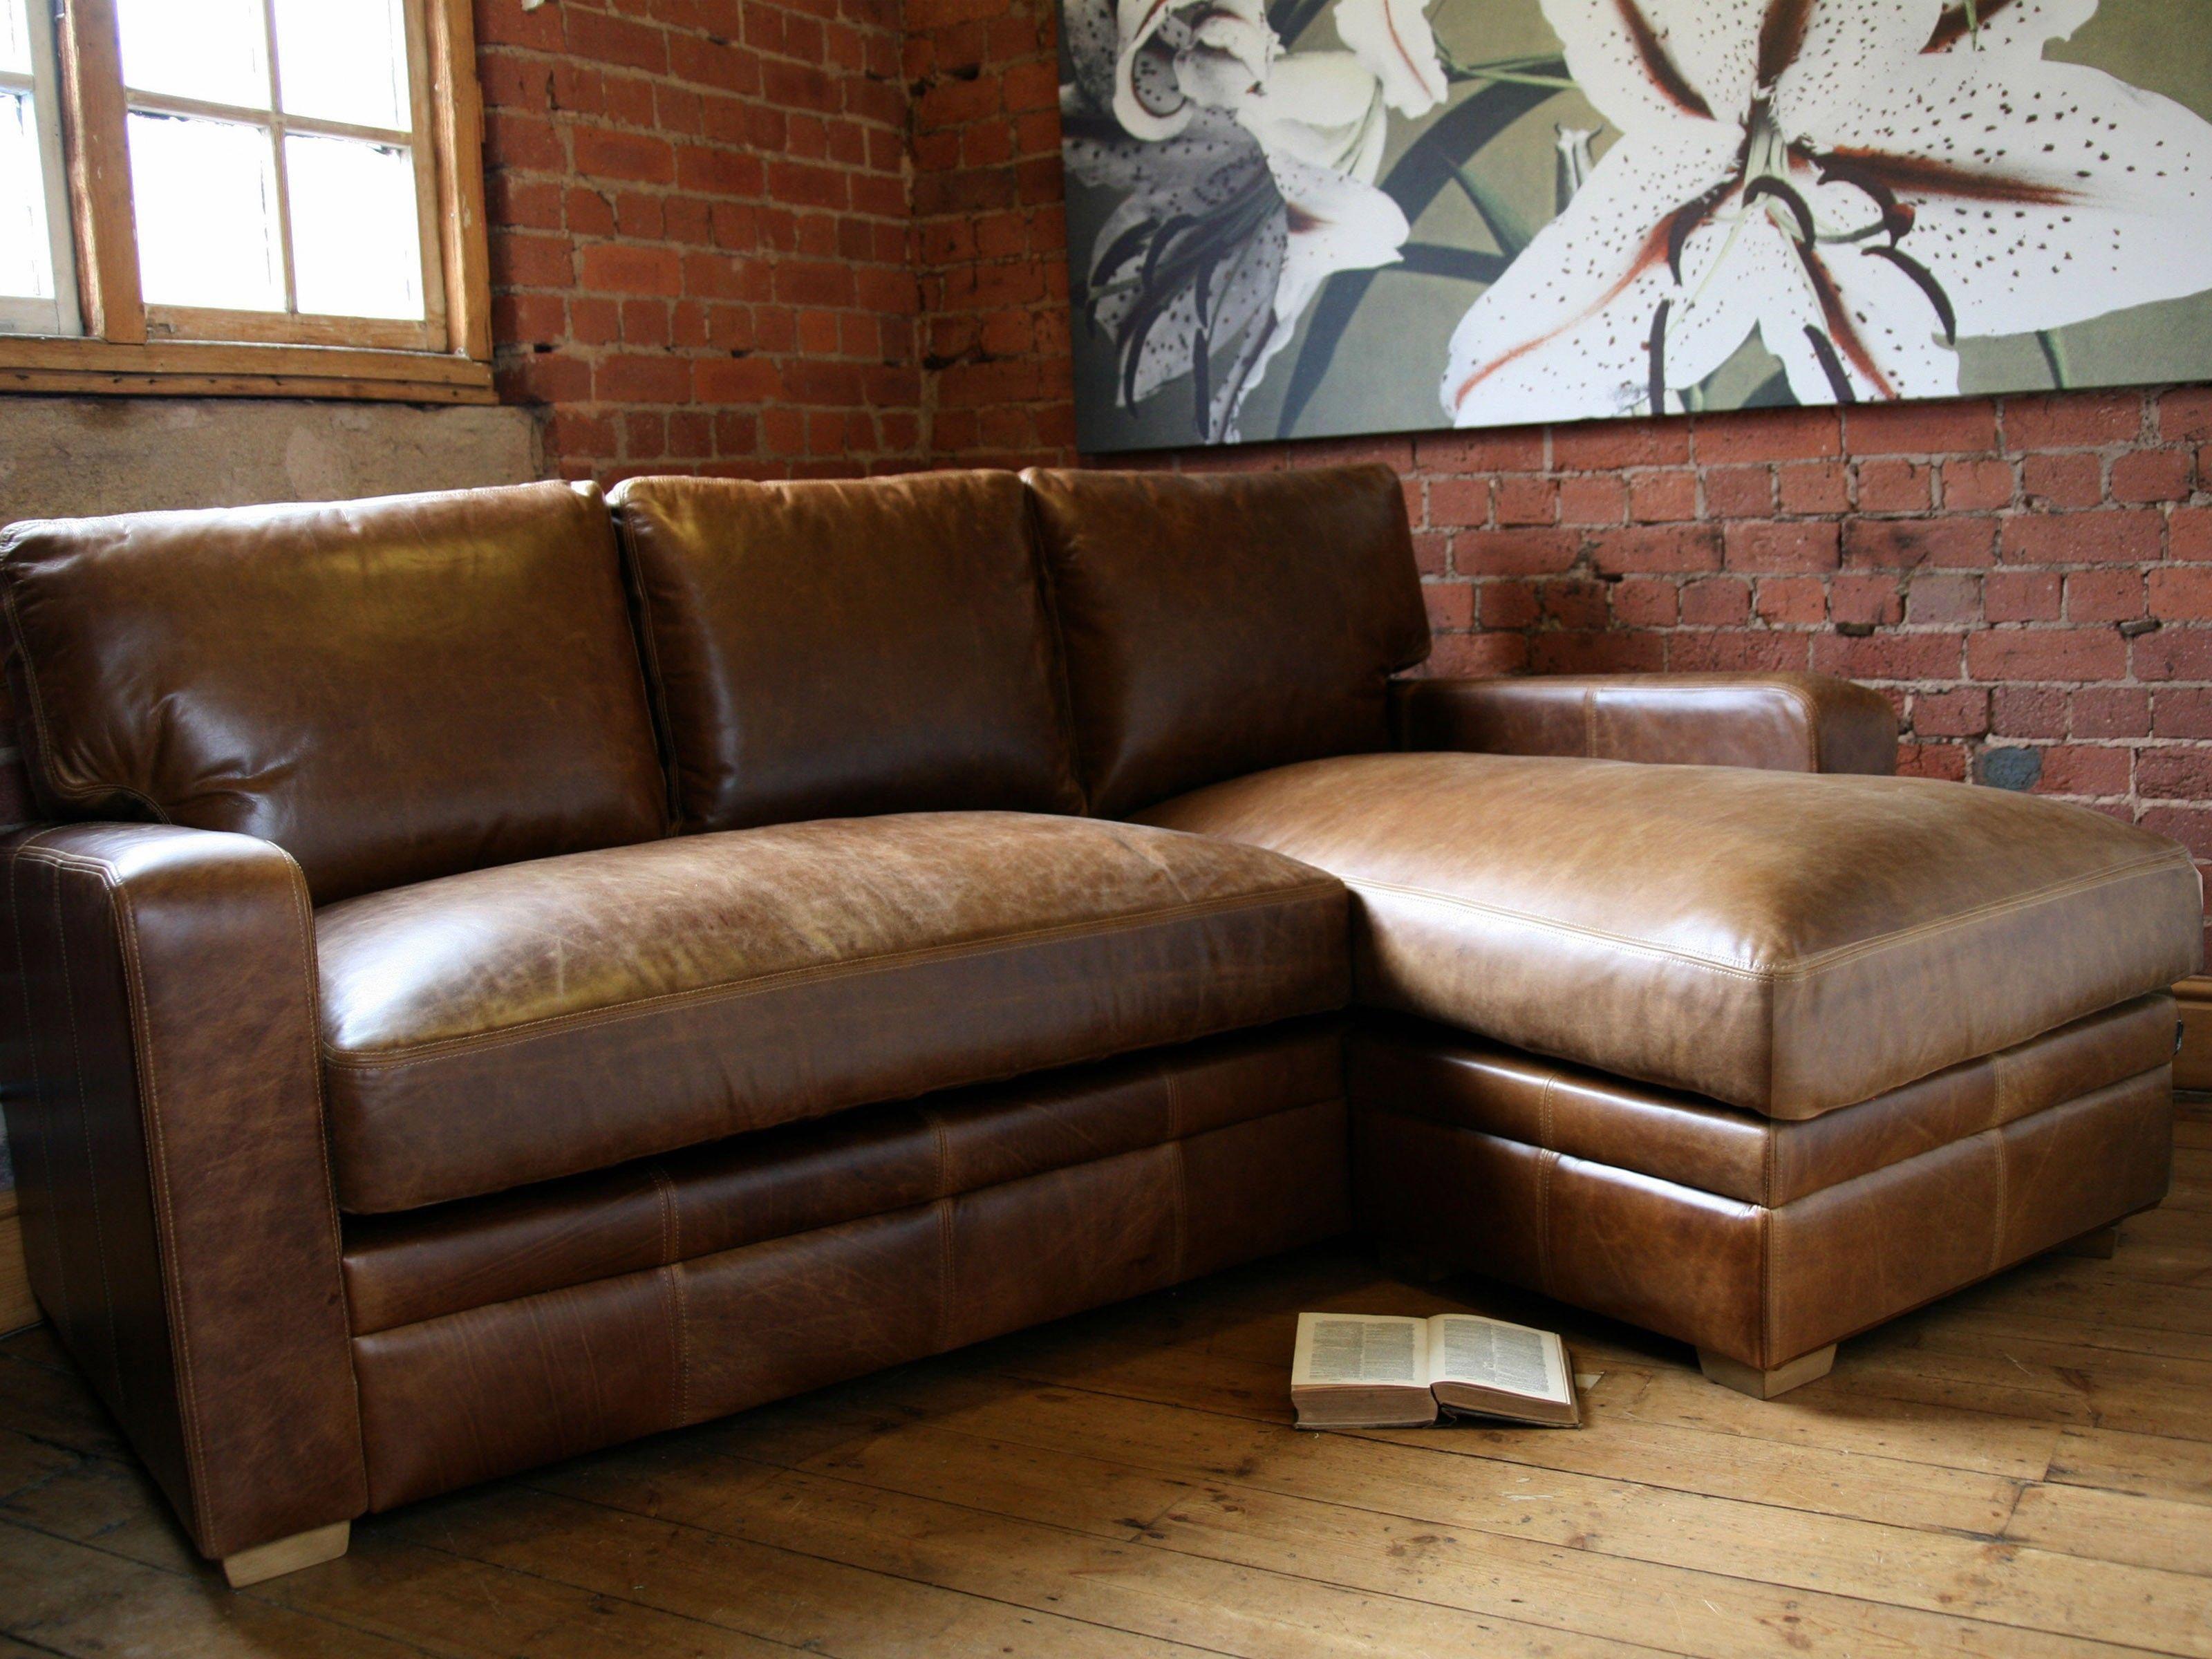 Full Grain Leather Furniture Stores Carla Salotti Dima Salotti Italian Design Ultra High Rustic Leather Sofa Sectional Sofa With Chaise Leather Sleeper Sofa